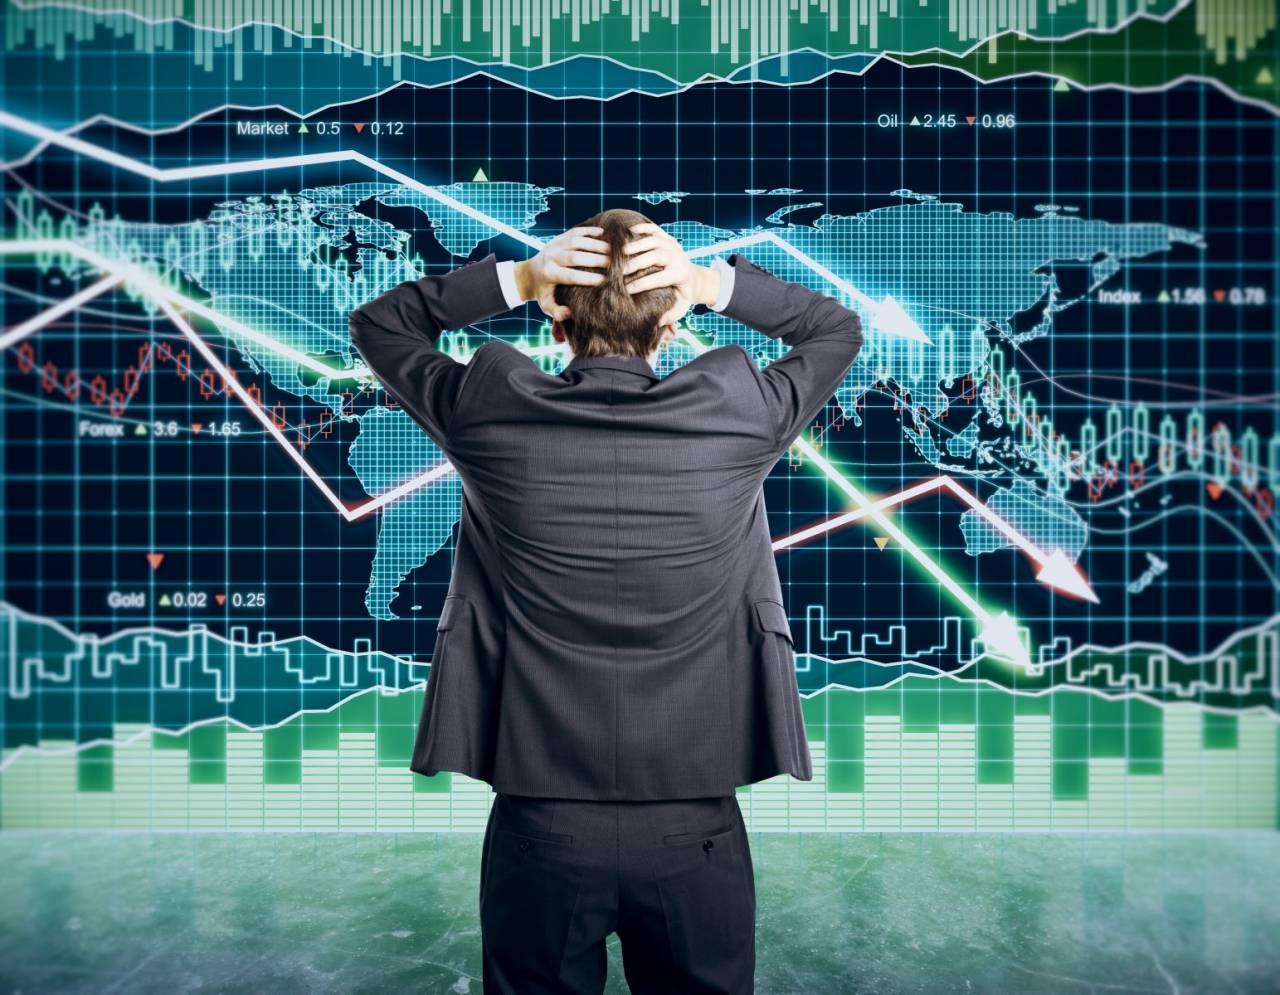 台股有泡沫危機?當年8個月狂瀉80%的慘劇 告訴你「借錢買股票」帶來的教訓